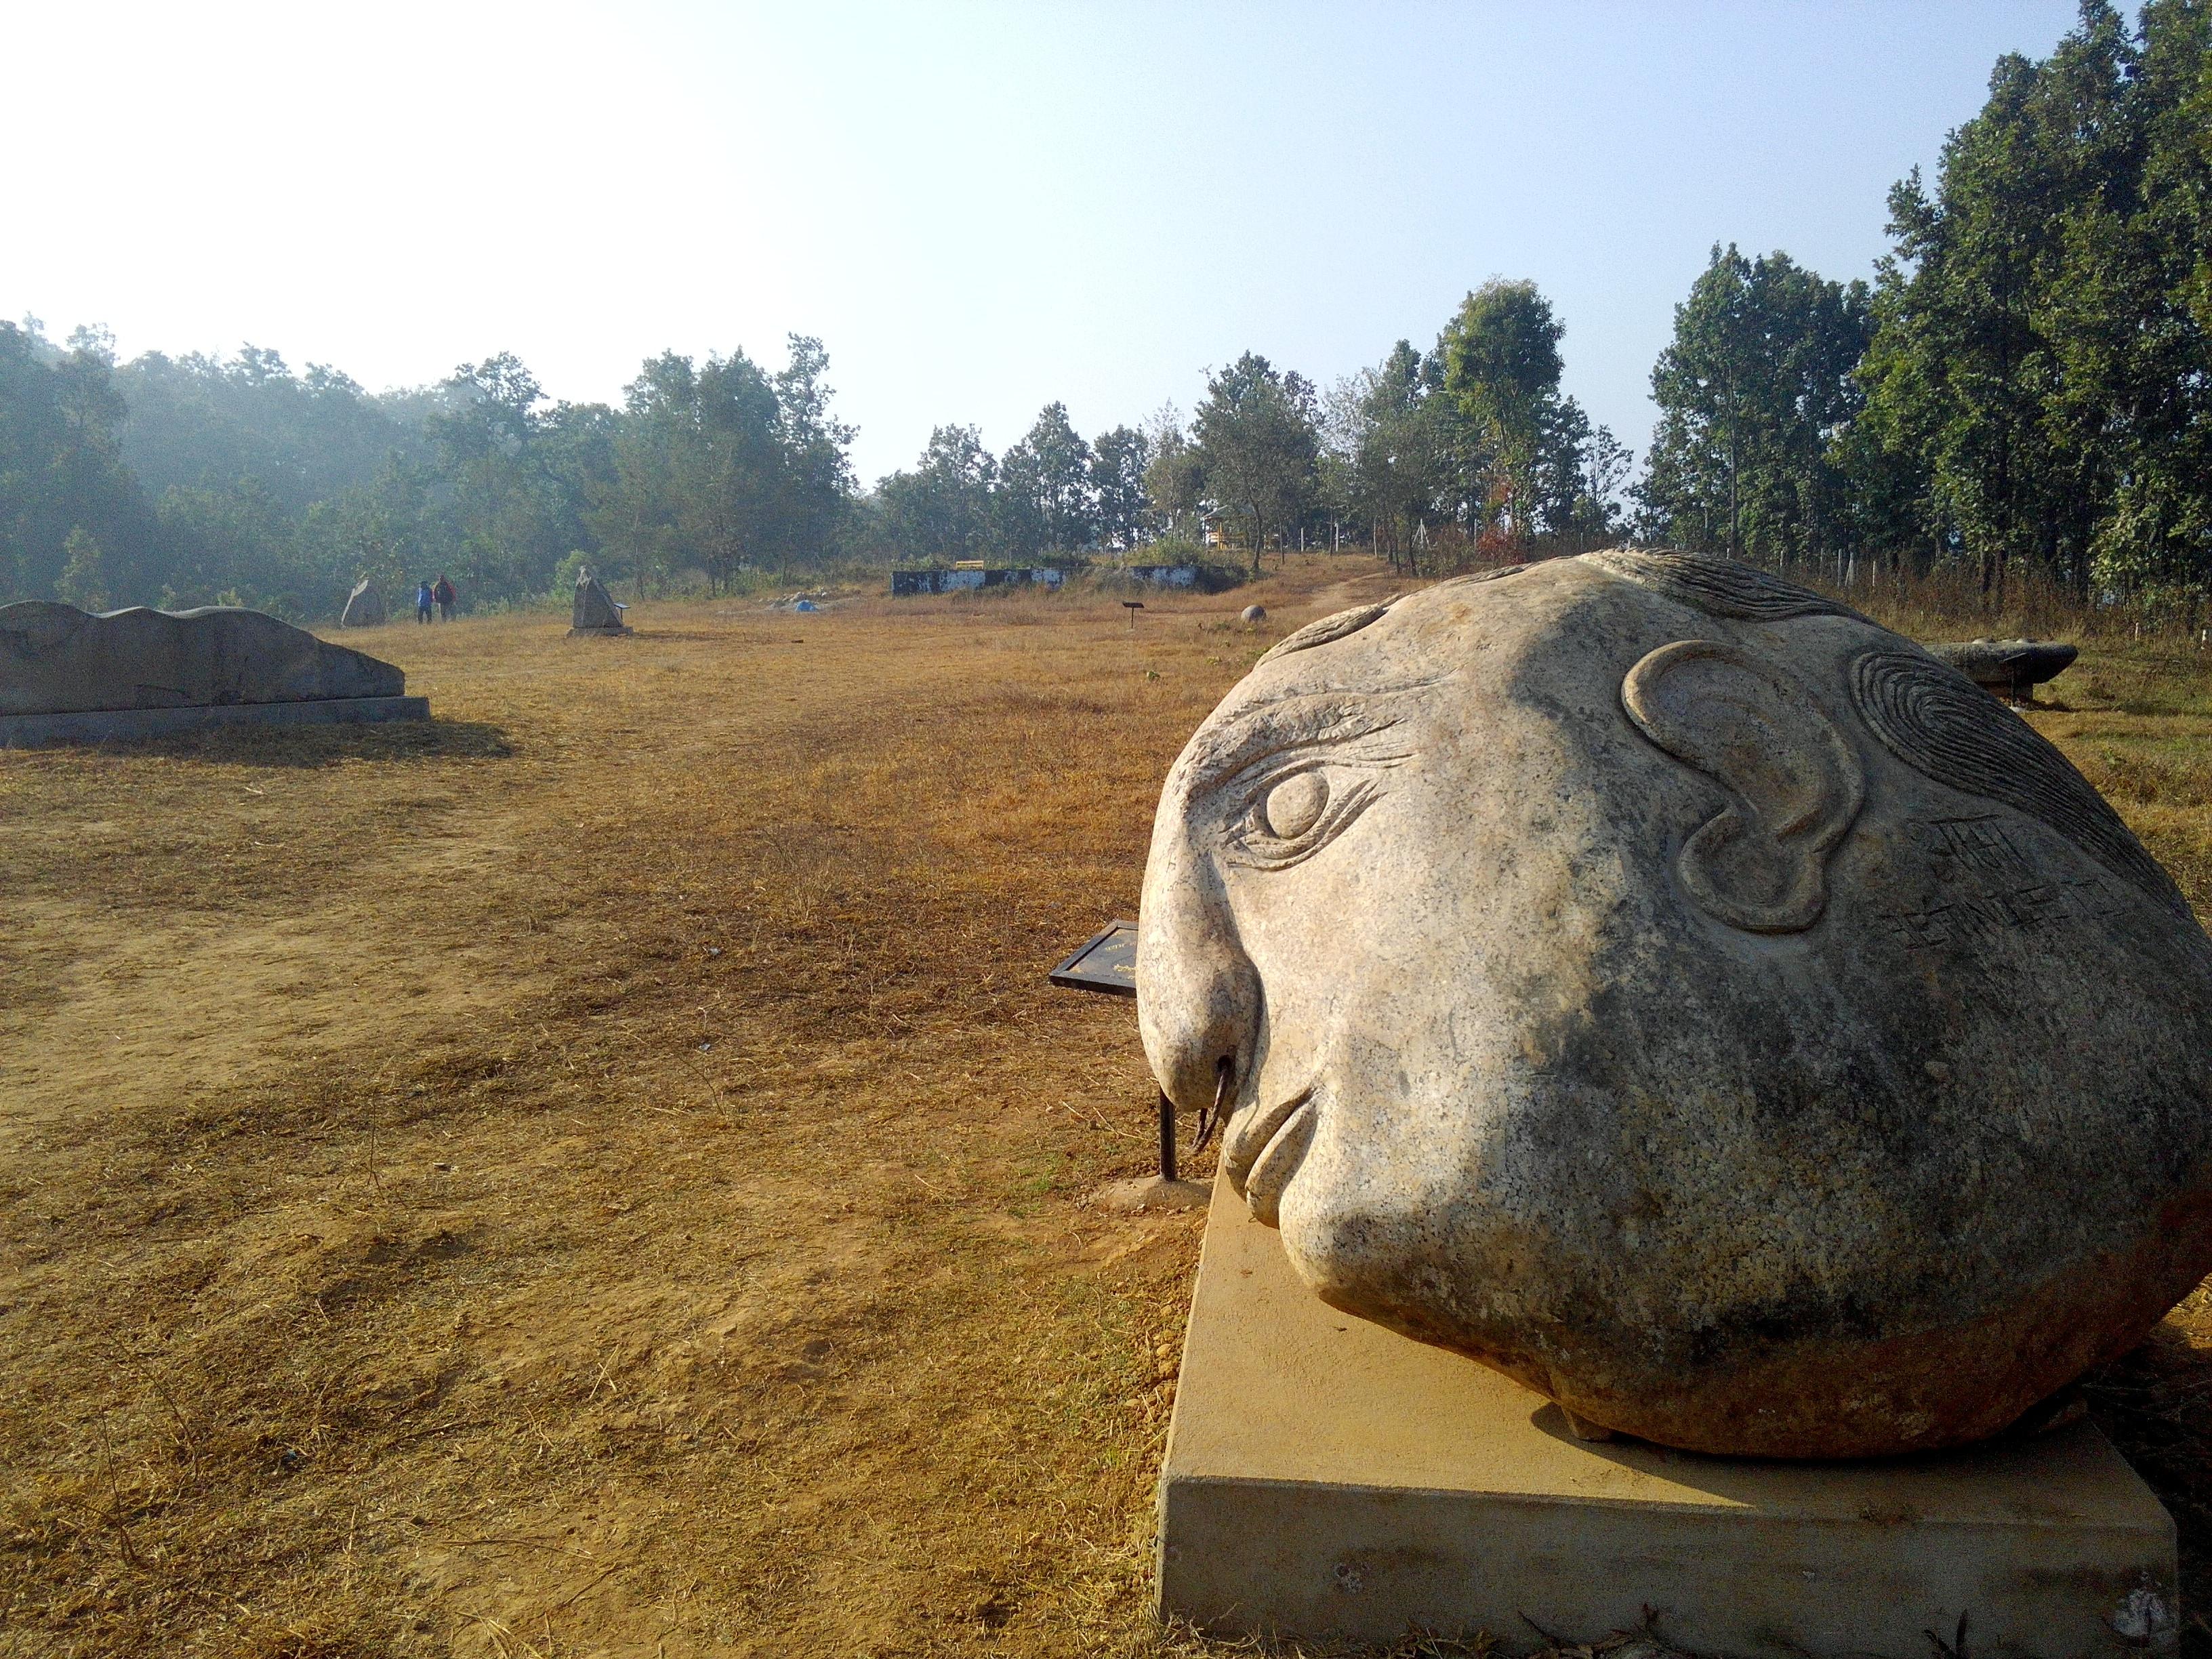 हेटौंडाको हर्नामाडीस्थित गुम्बा डाँडामा रहेको मूर्ति बगैंचा।